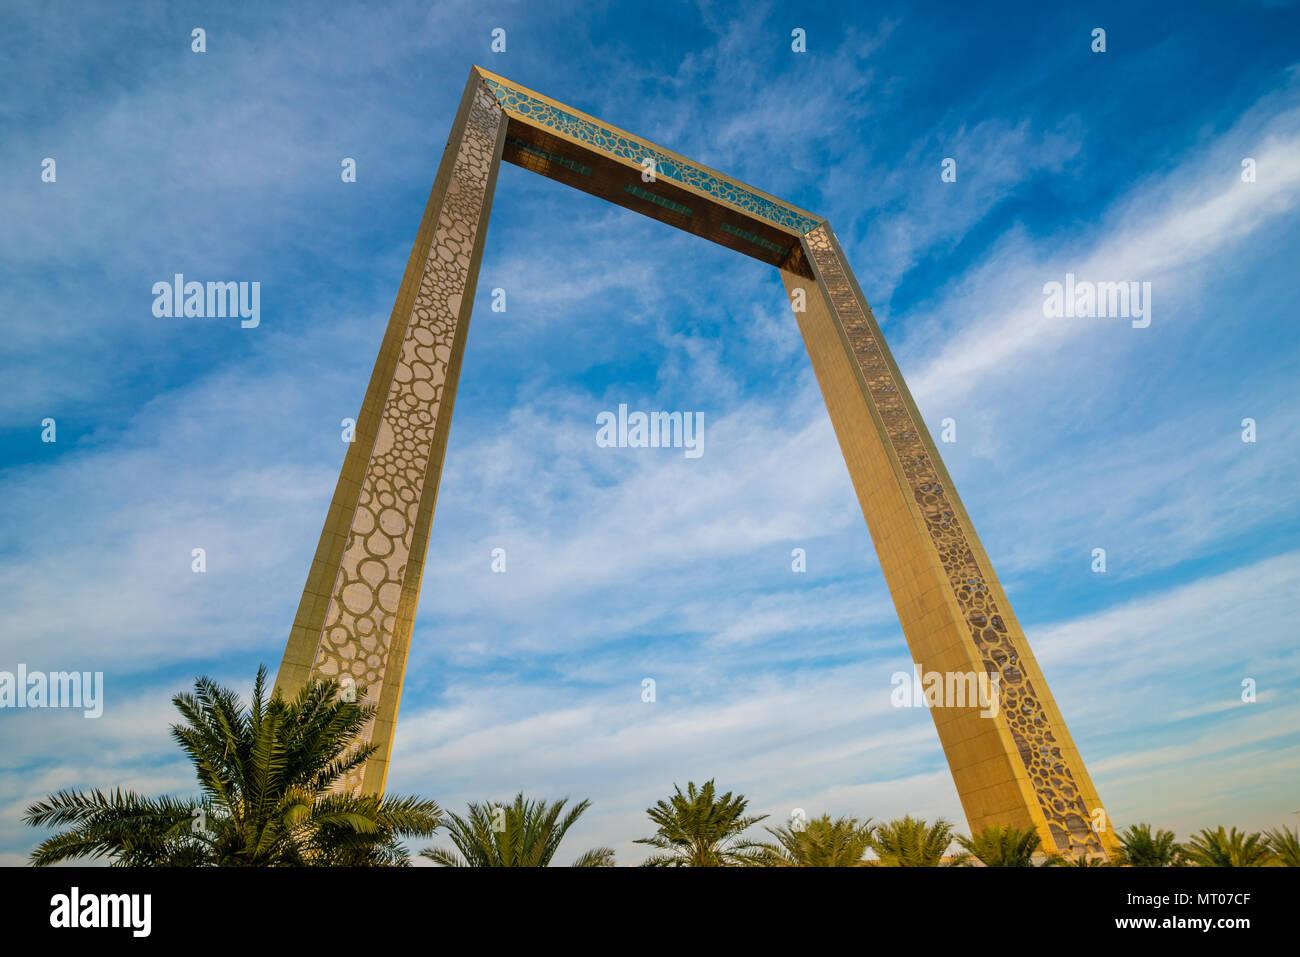 Tolle Bild Framing Dubai Fotos - Bilderrahmen Ideen - szurop.info